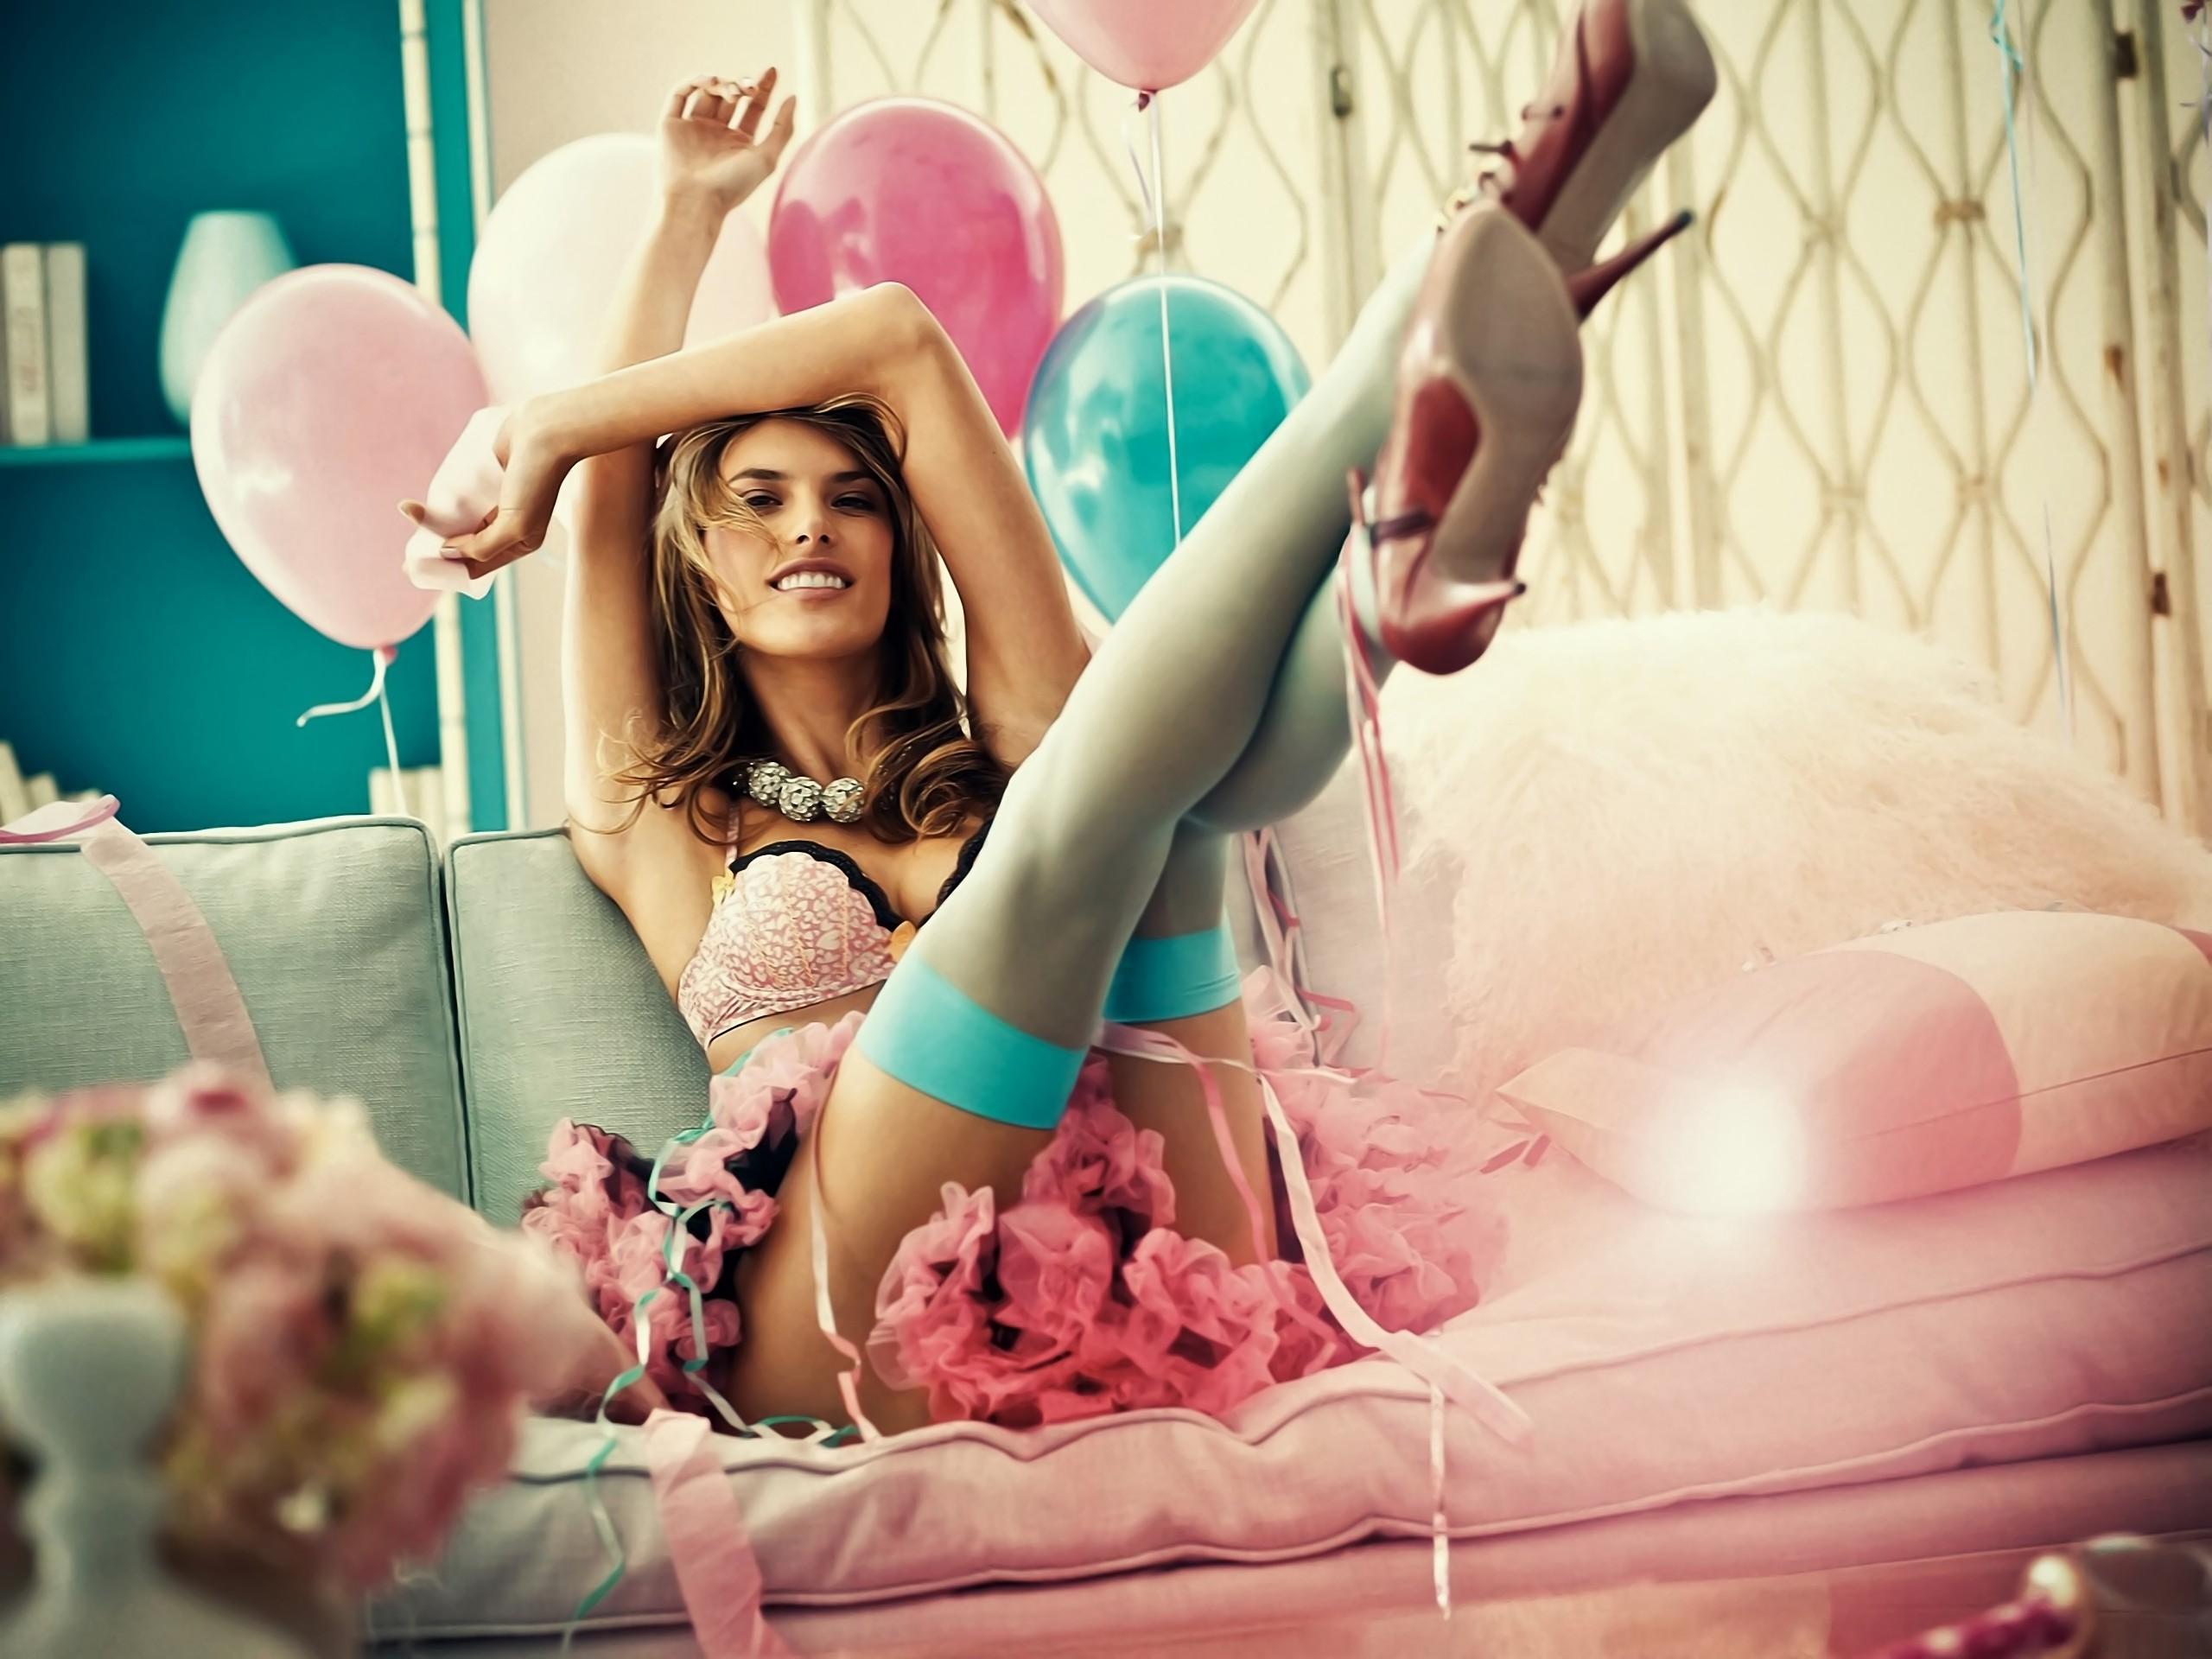 Девушка и воздушные шарики порно видео